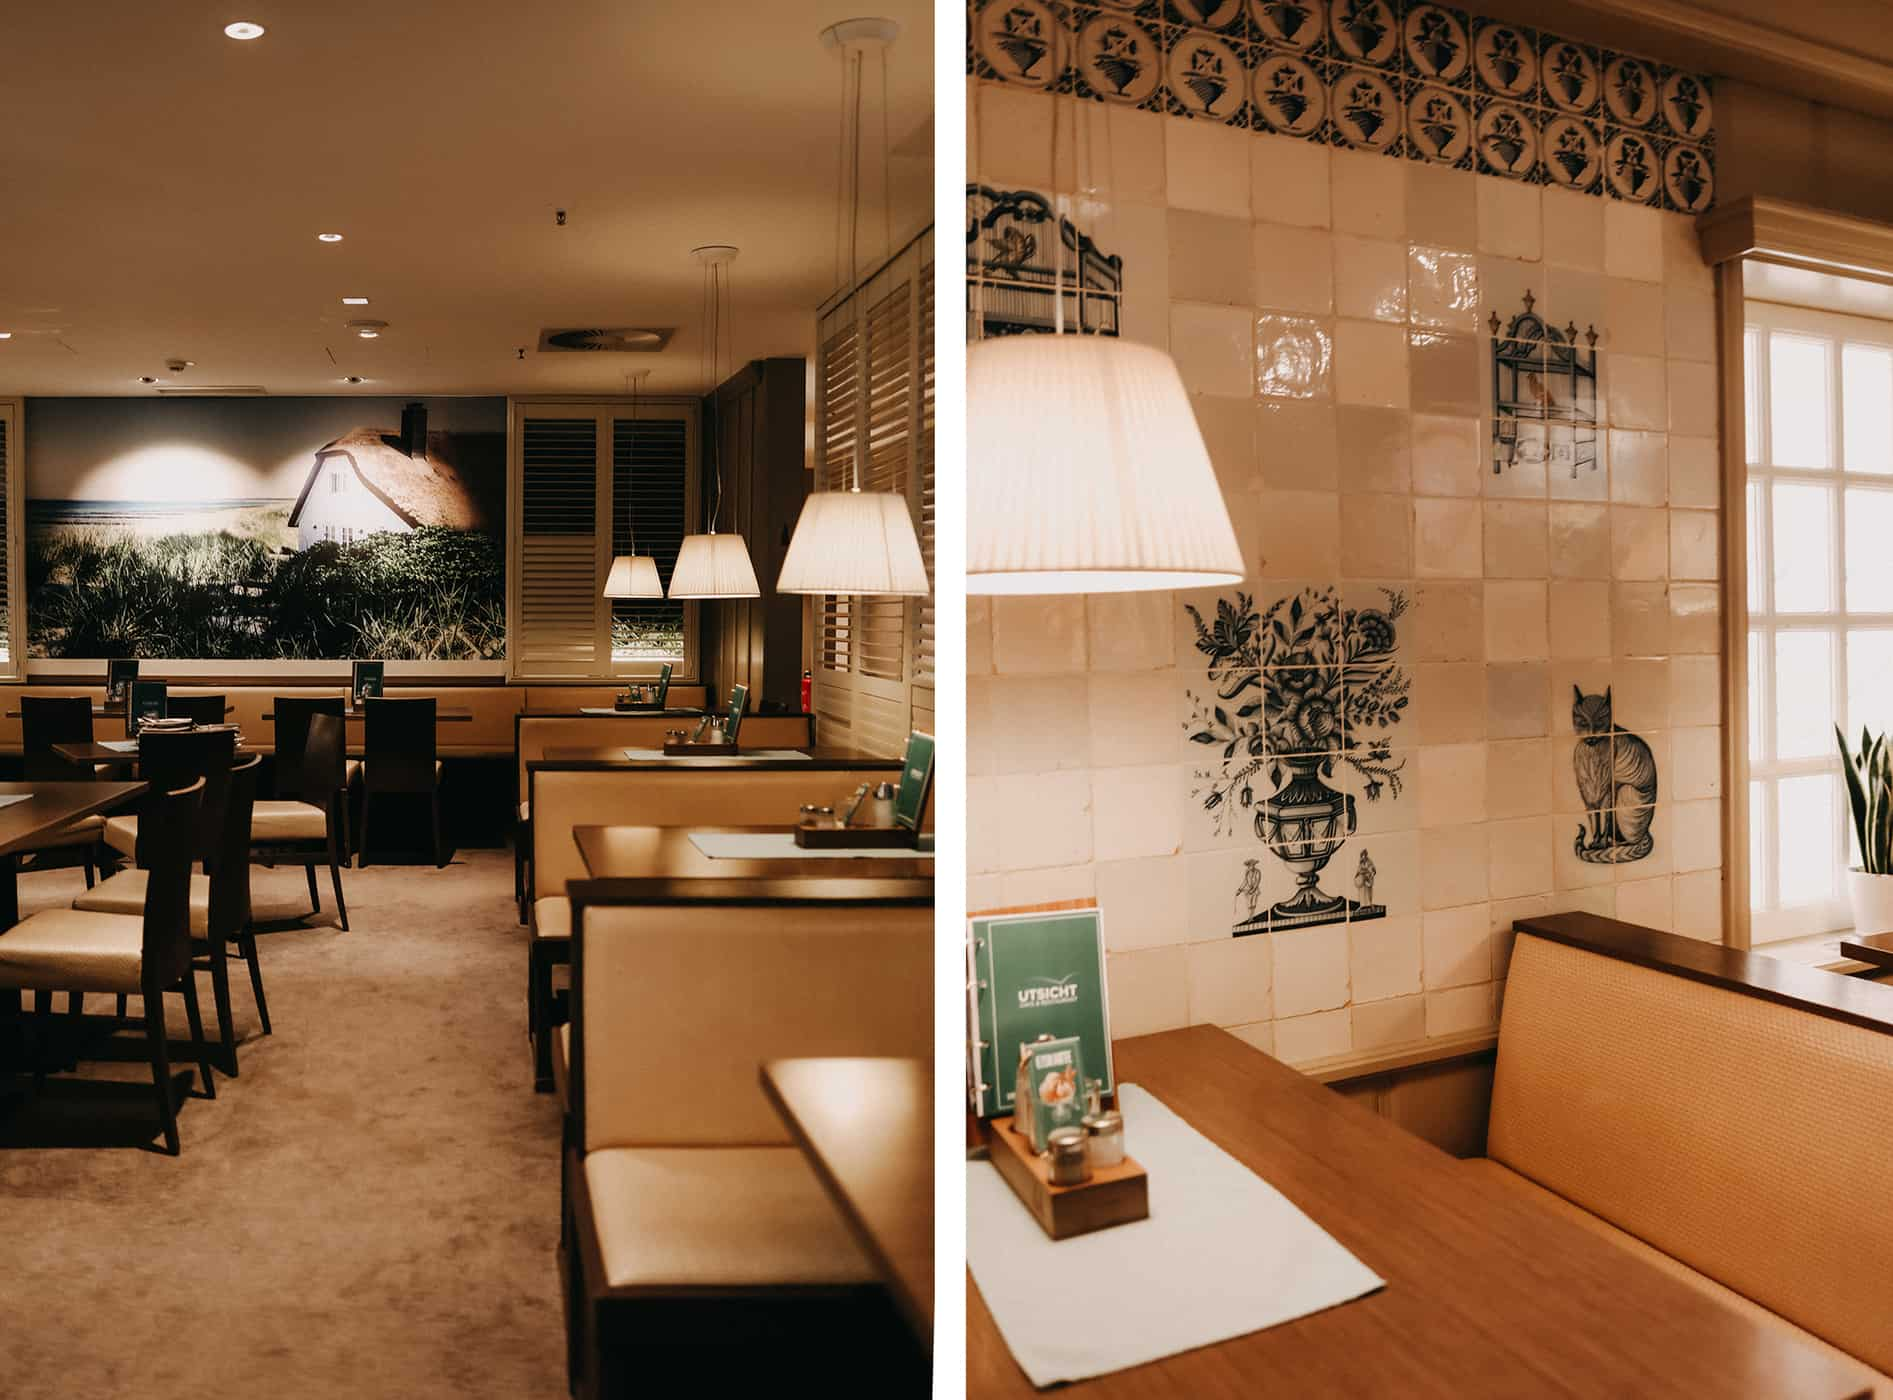 Utsicht Café Collage